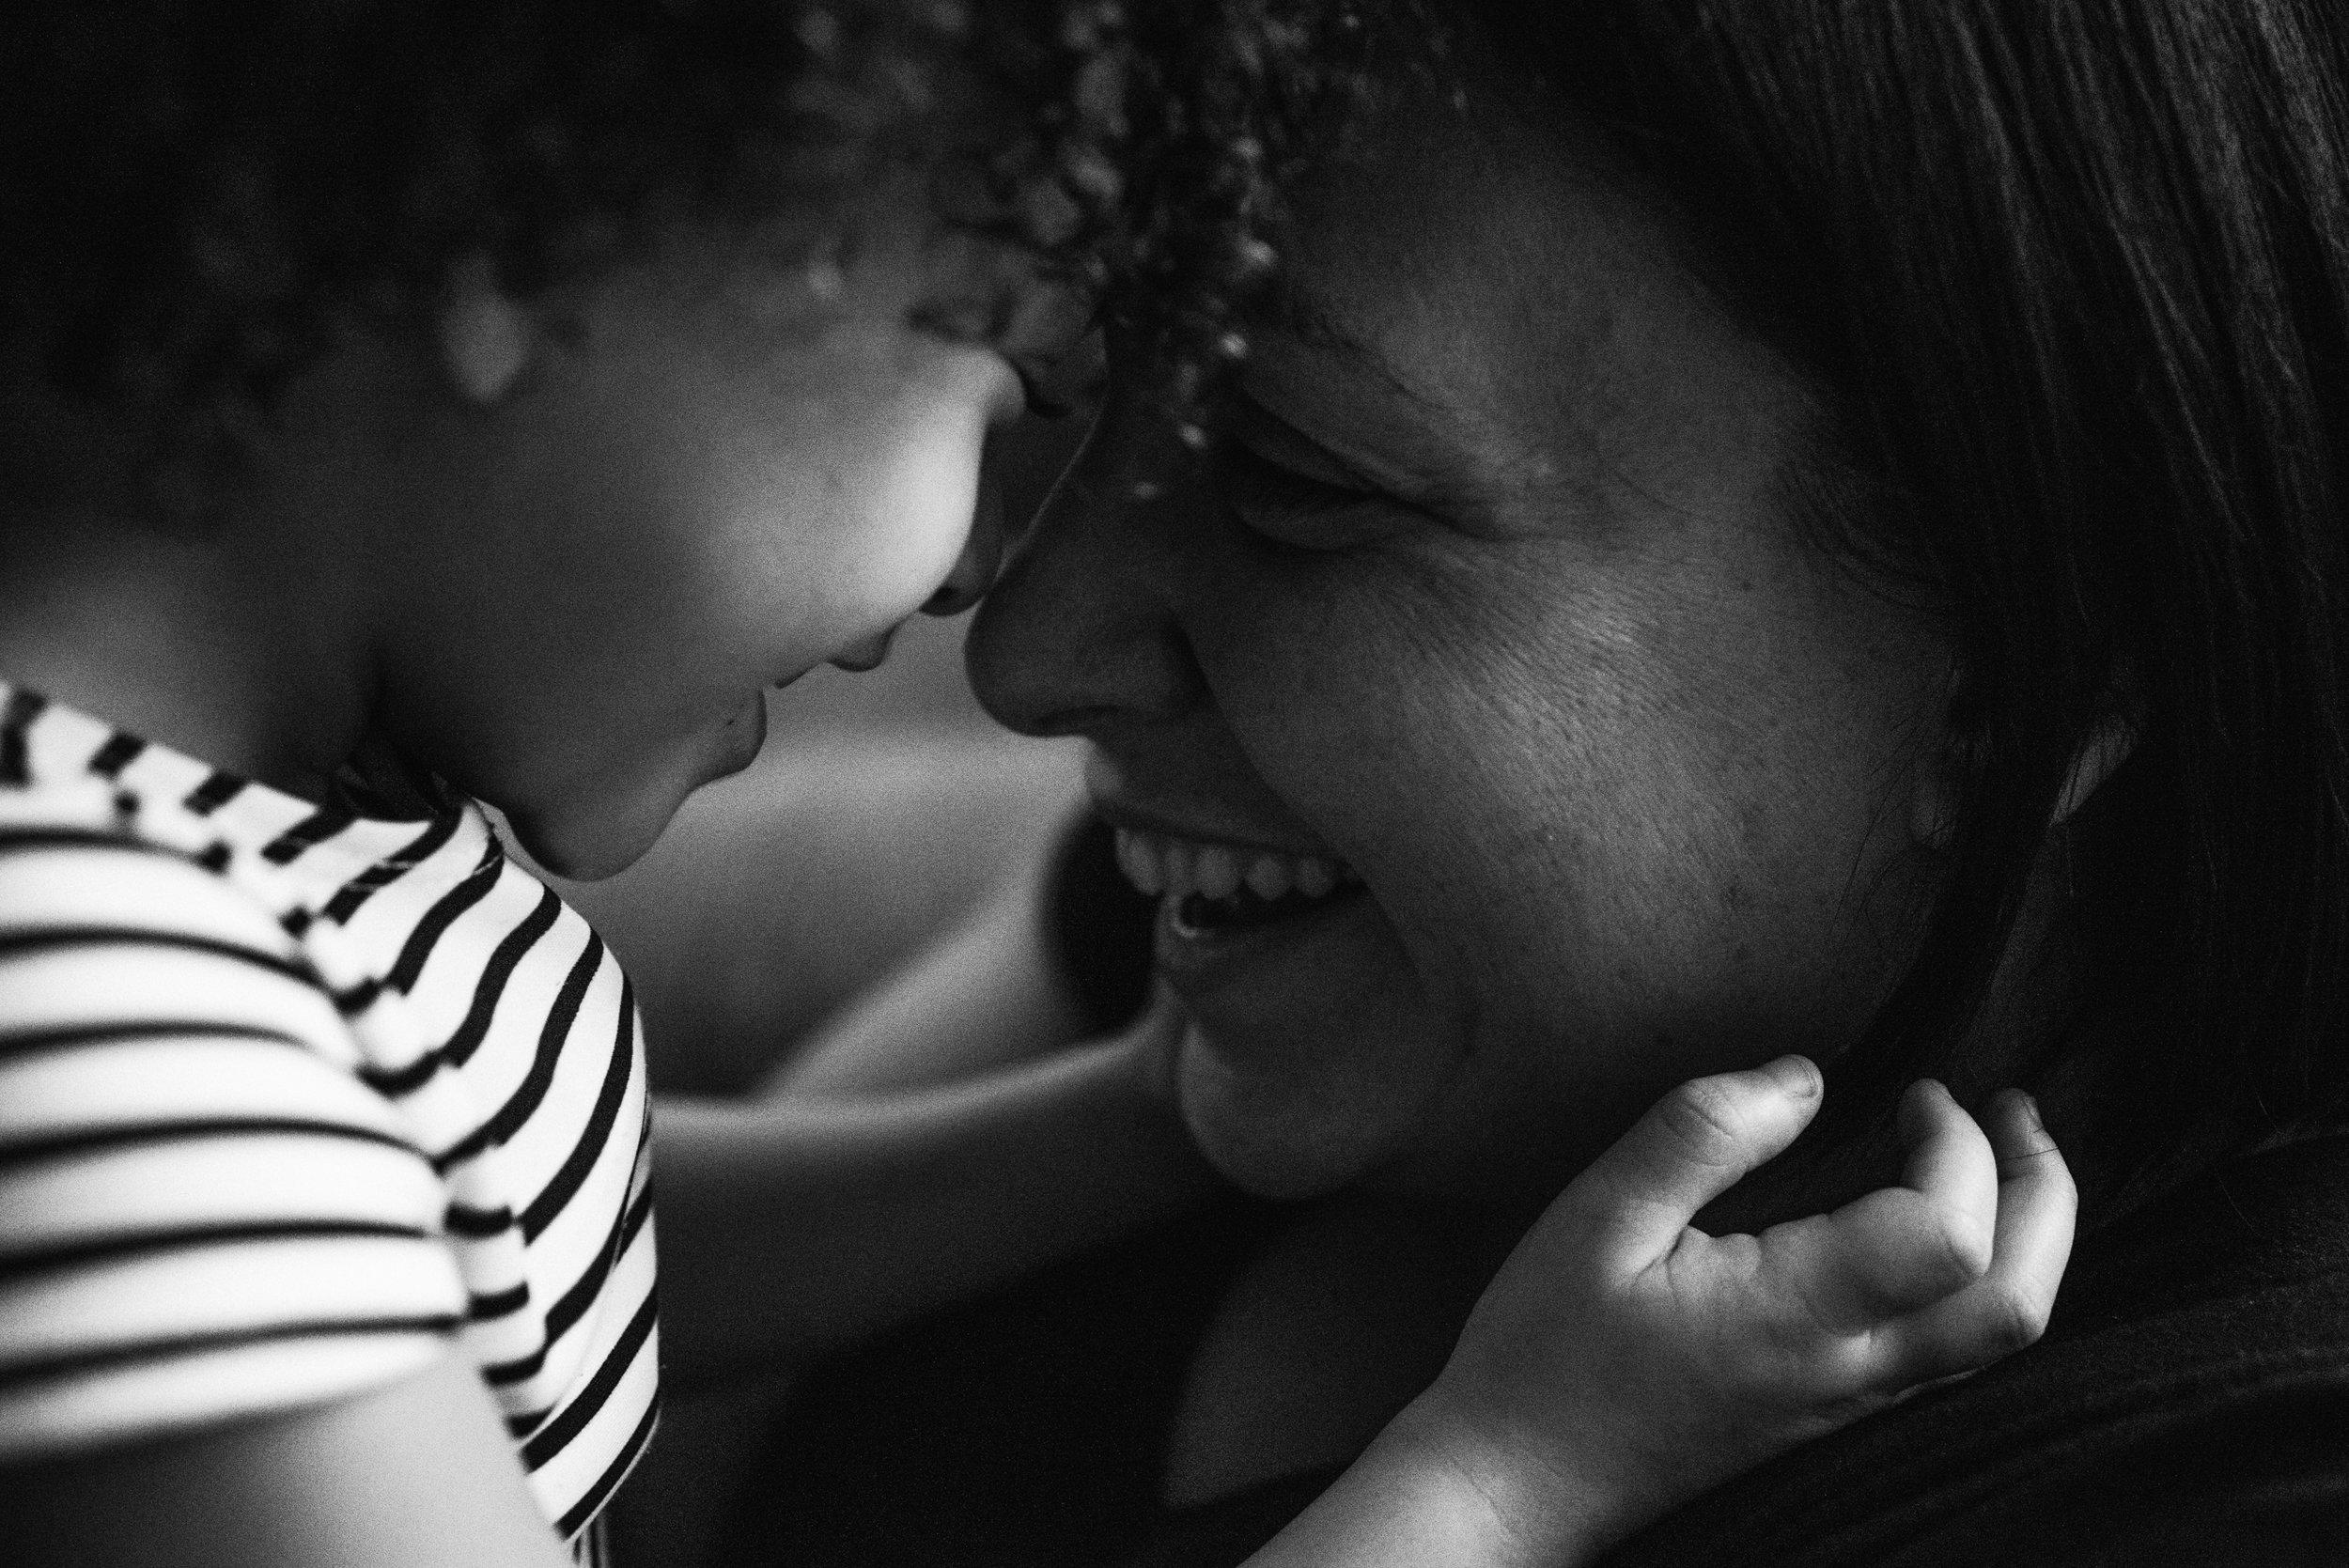 photo-noir-et-blanc-d-une-mere-et-sa-fille-qui-rigole-tete-a-tete-photographe-lifestyle-famille-et-nouveau-ne-a-montreal-marianne-charland-454.jpg